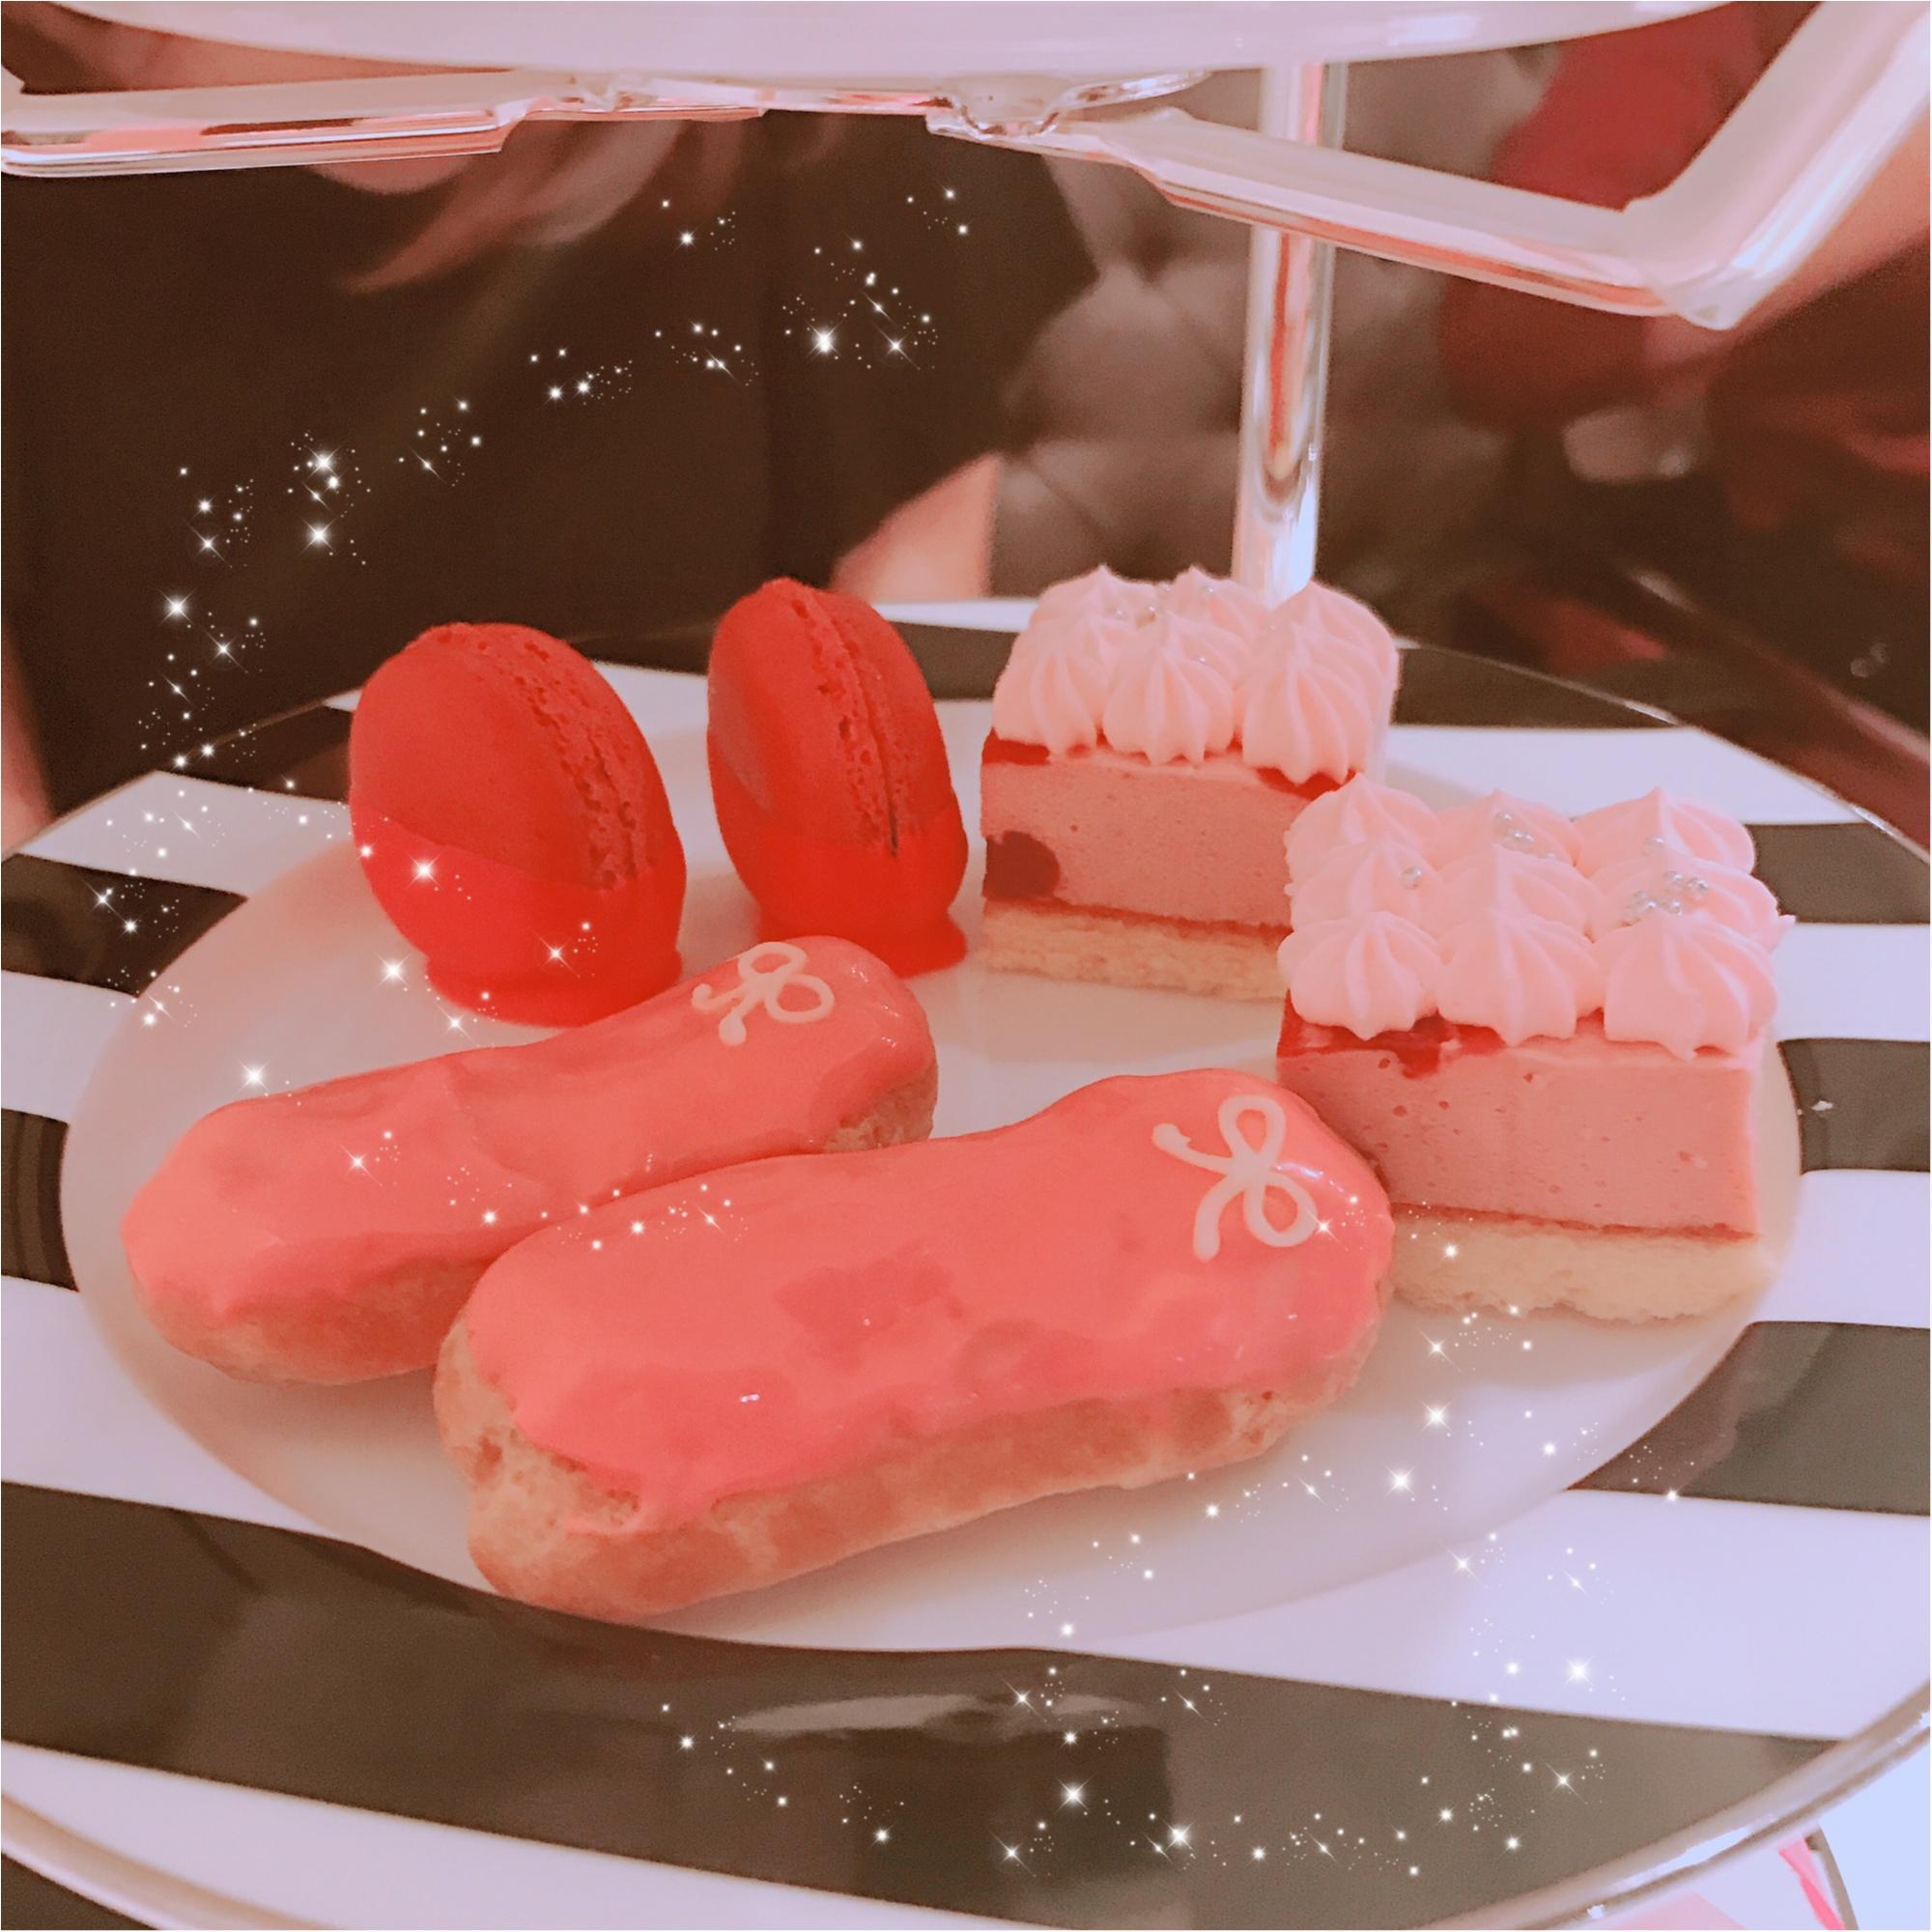 土日祝限定!完全予約制、ジンジャーガーデン青山のピンクアフタヌーンティーが可愛すぎる!_10